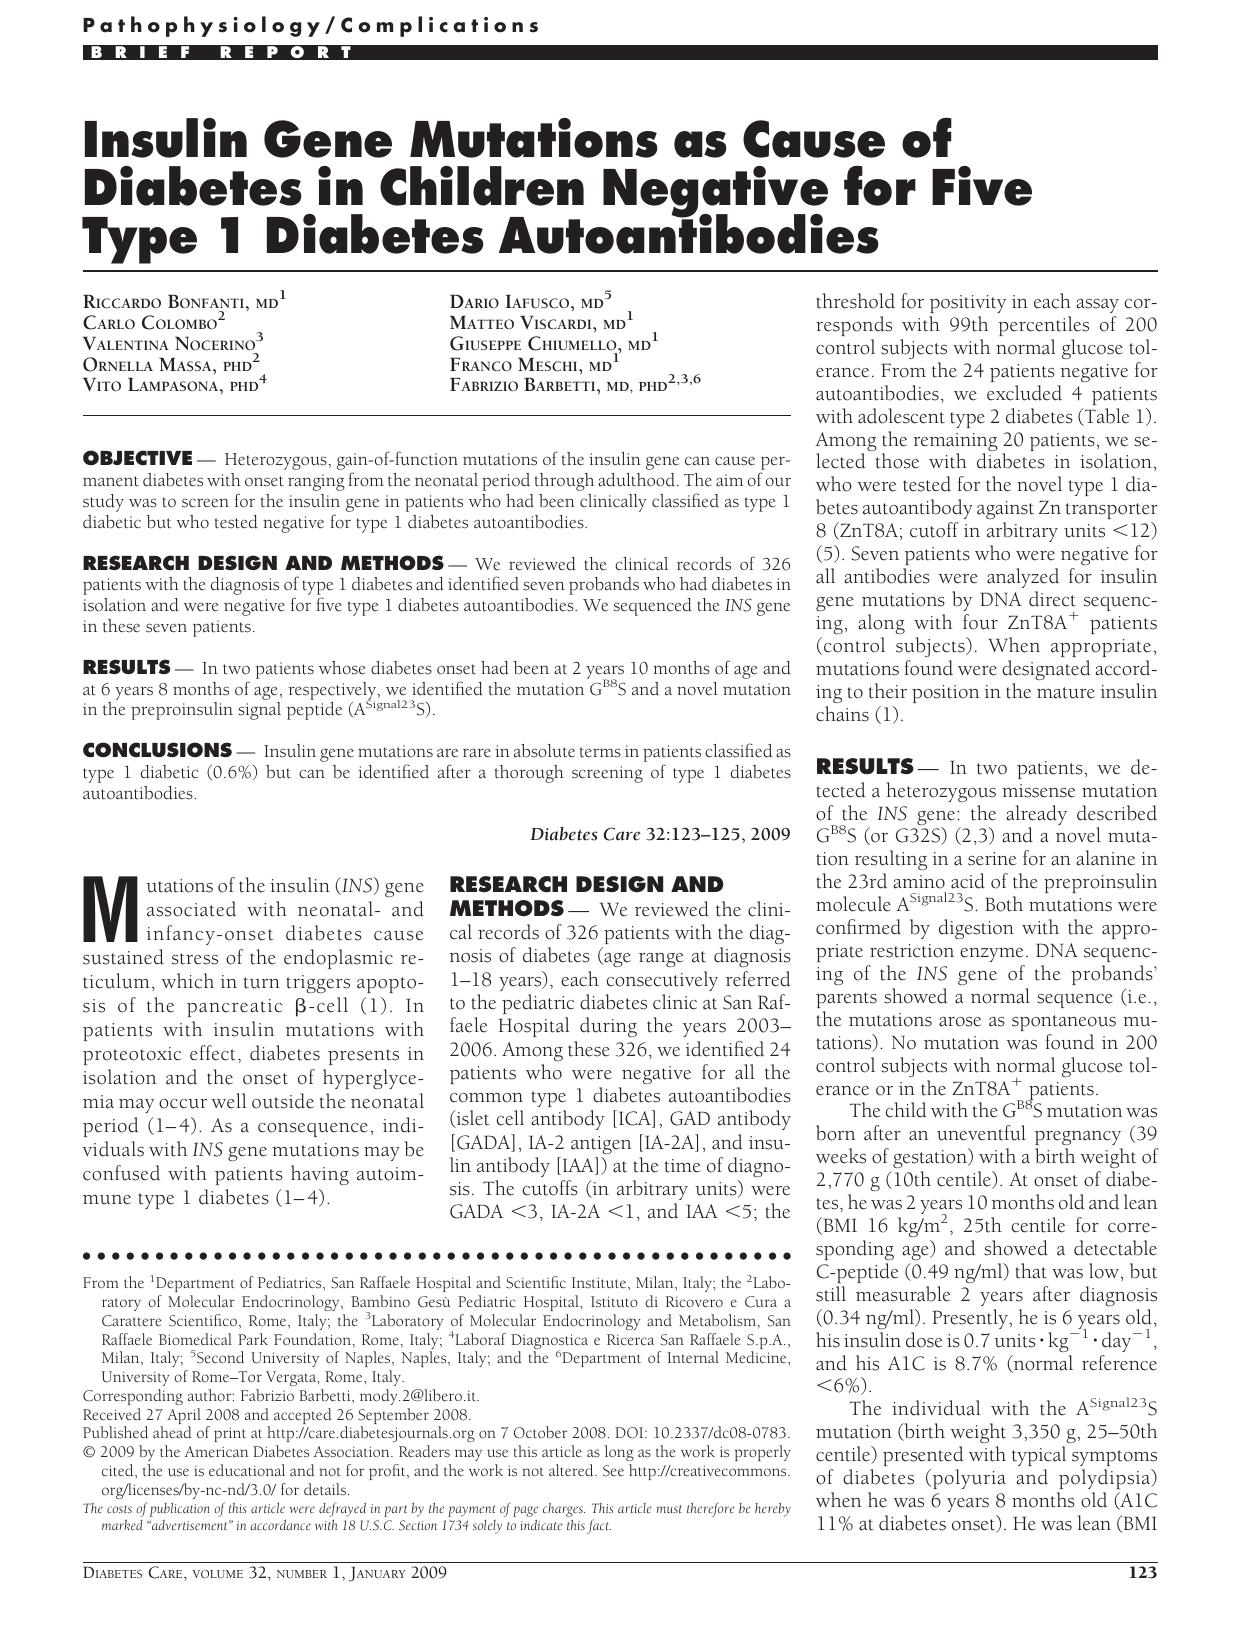 diabetes fabrizio barbetti